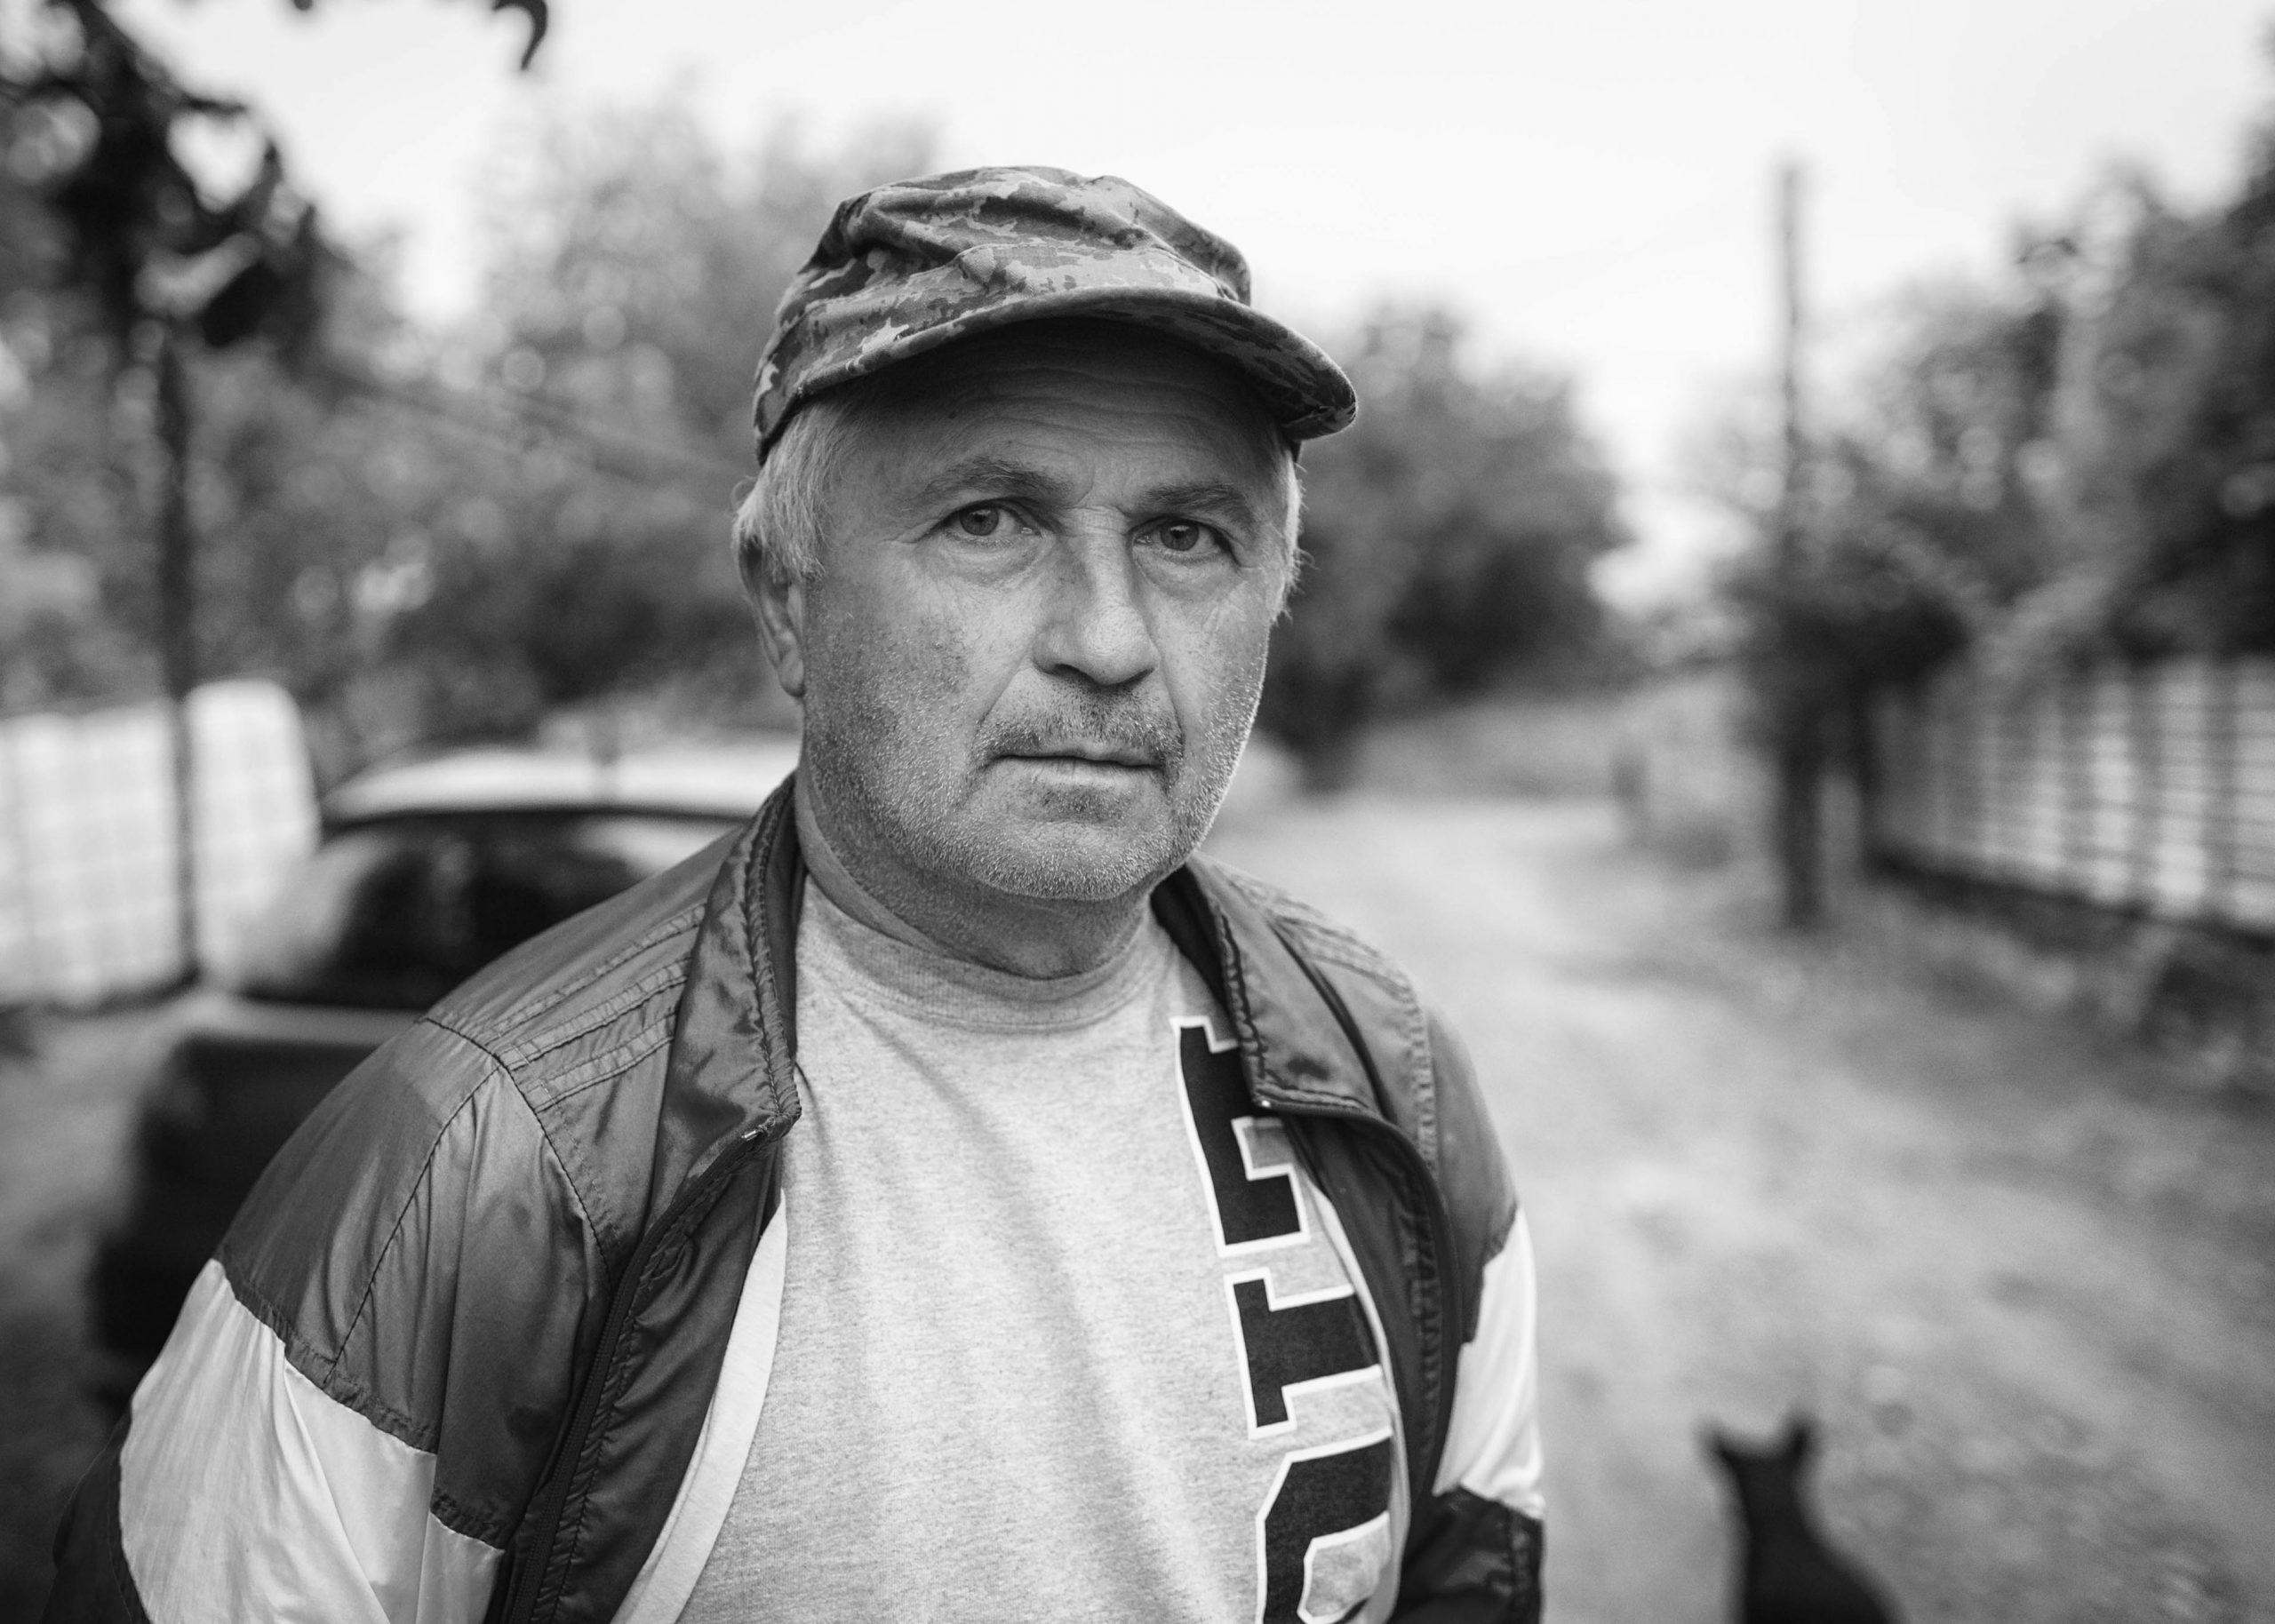 Schwarz-Weiß Portrait auf der Straße. Nikon Df mit Nikon AF-S Nikkor 35mm f/1.8 G ED bei 1/250s, f/2.5, ISO800